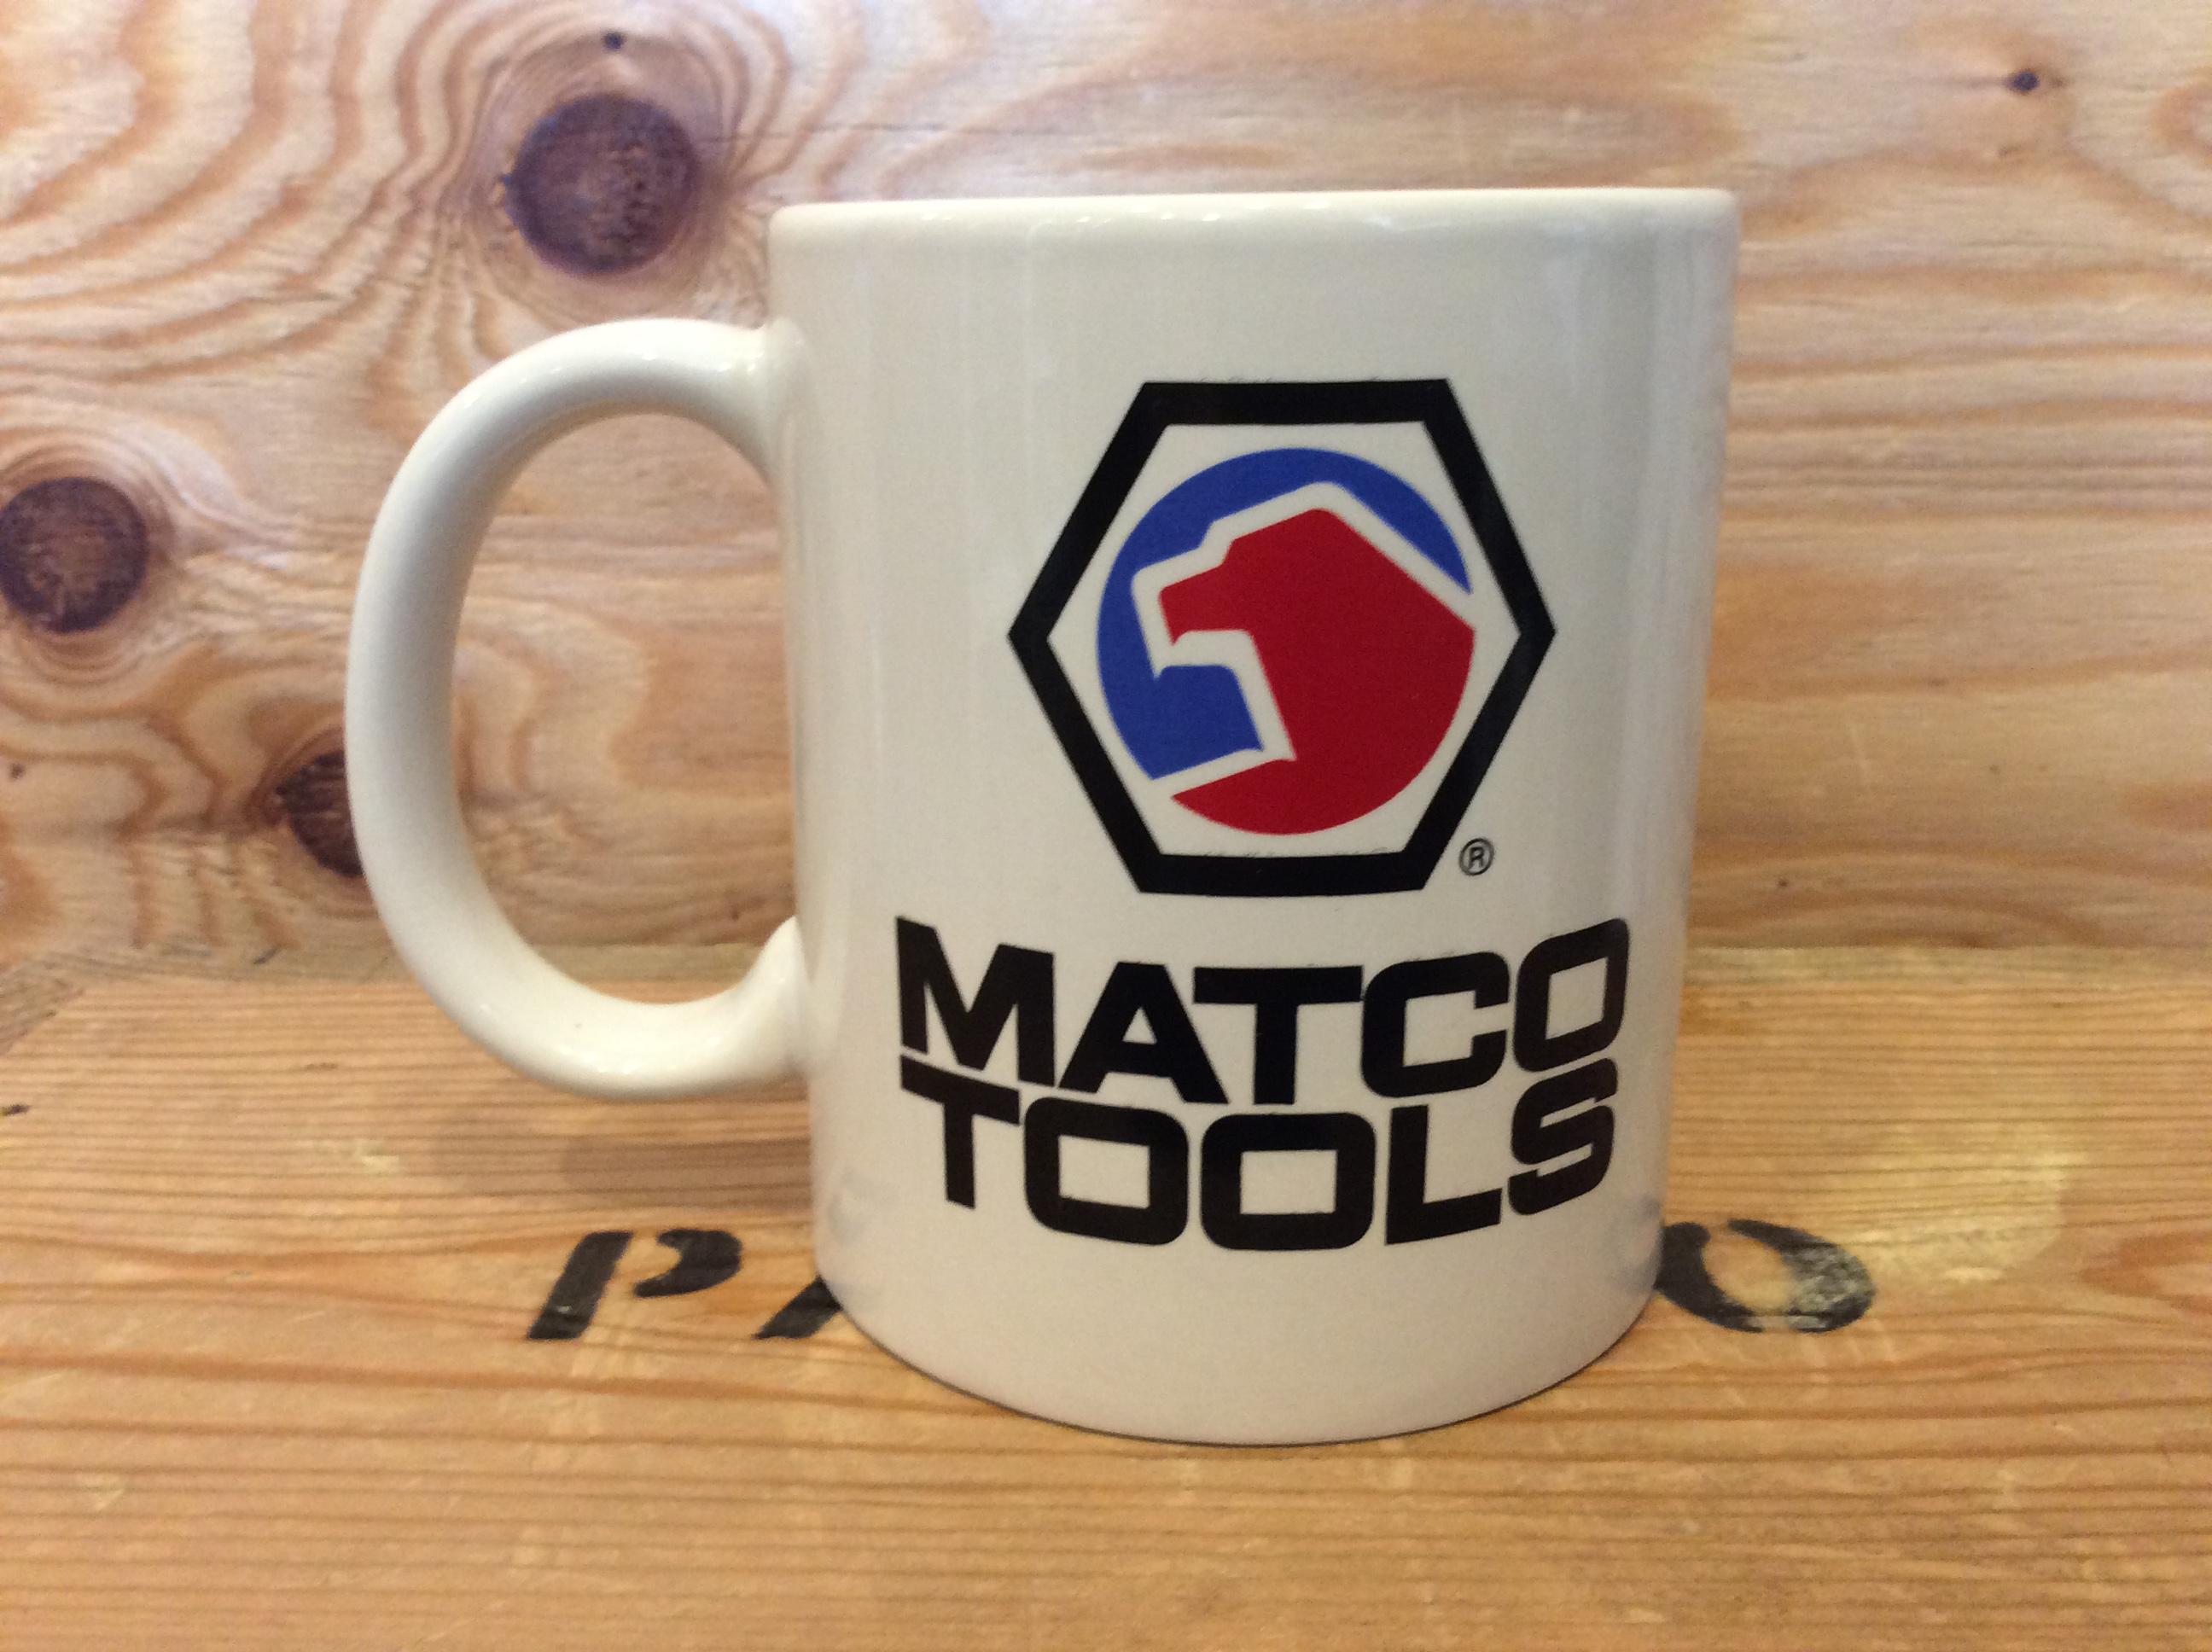 MATCO TOOLS VINTAGE MUG CUP 2 / USED